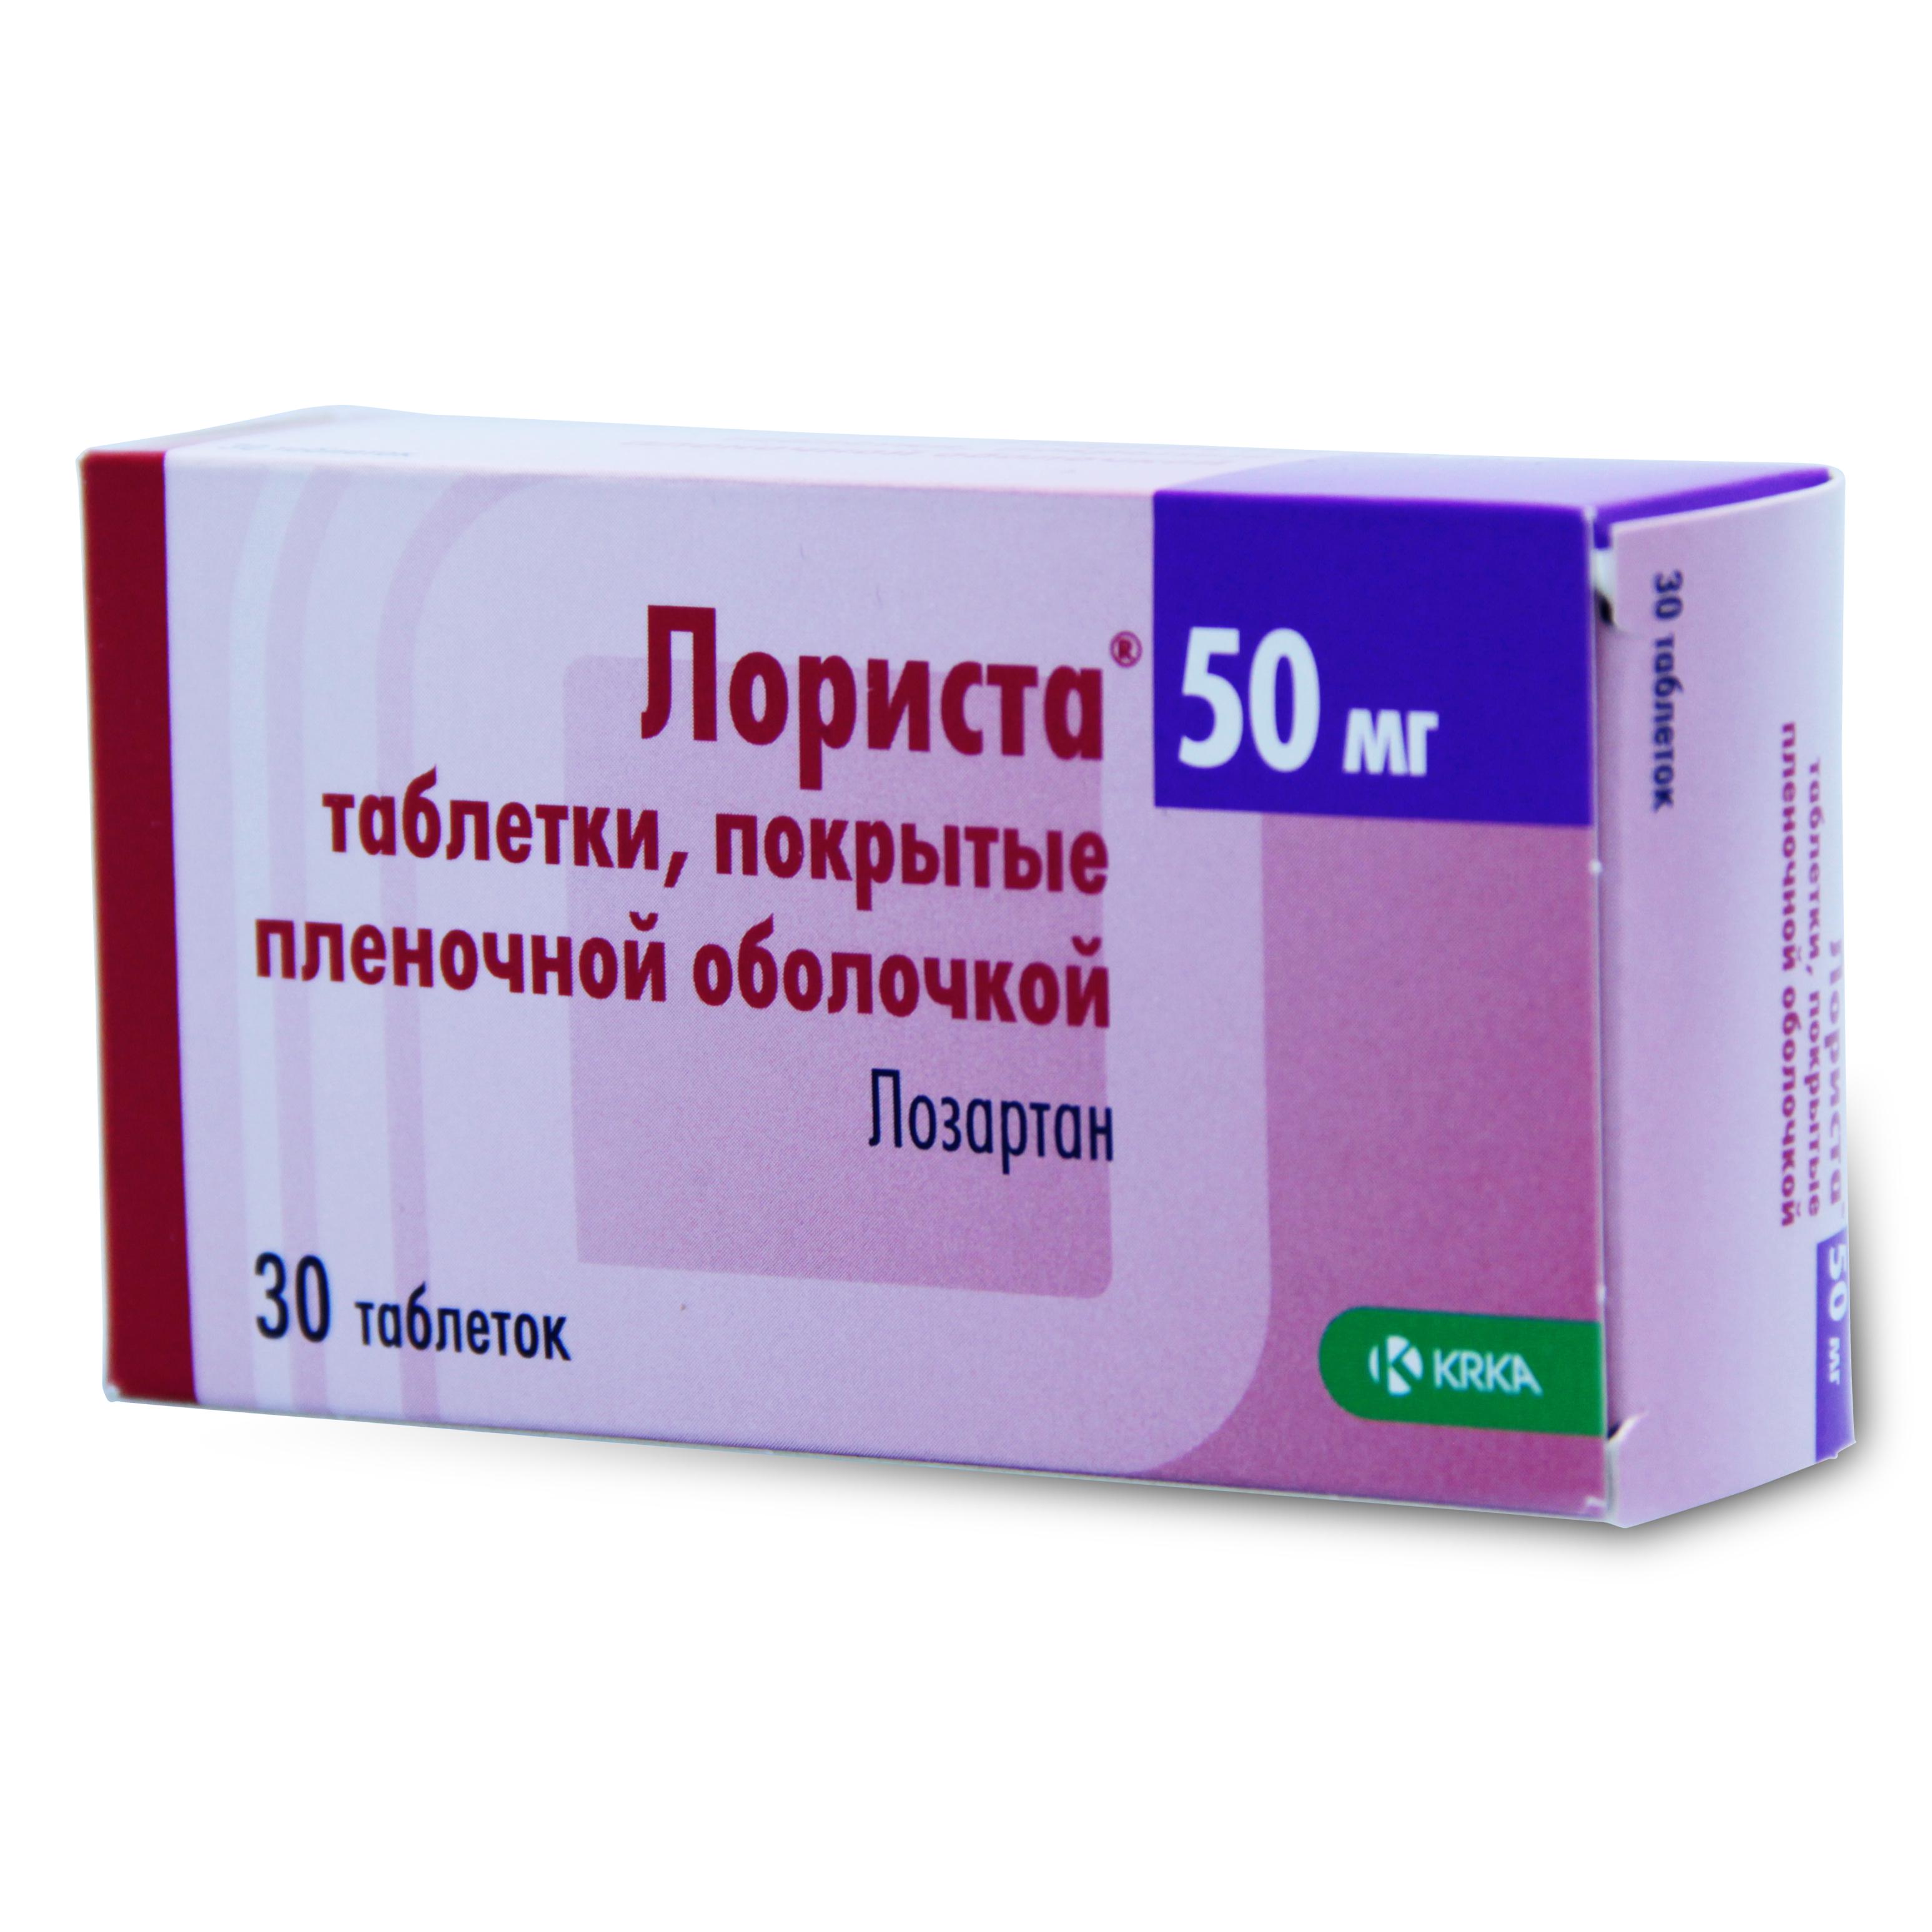 Лориста: рекомендации по приему лекарства